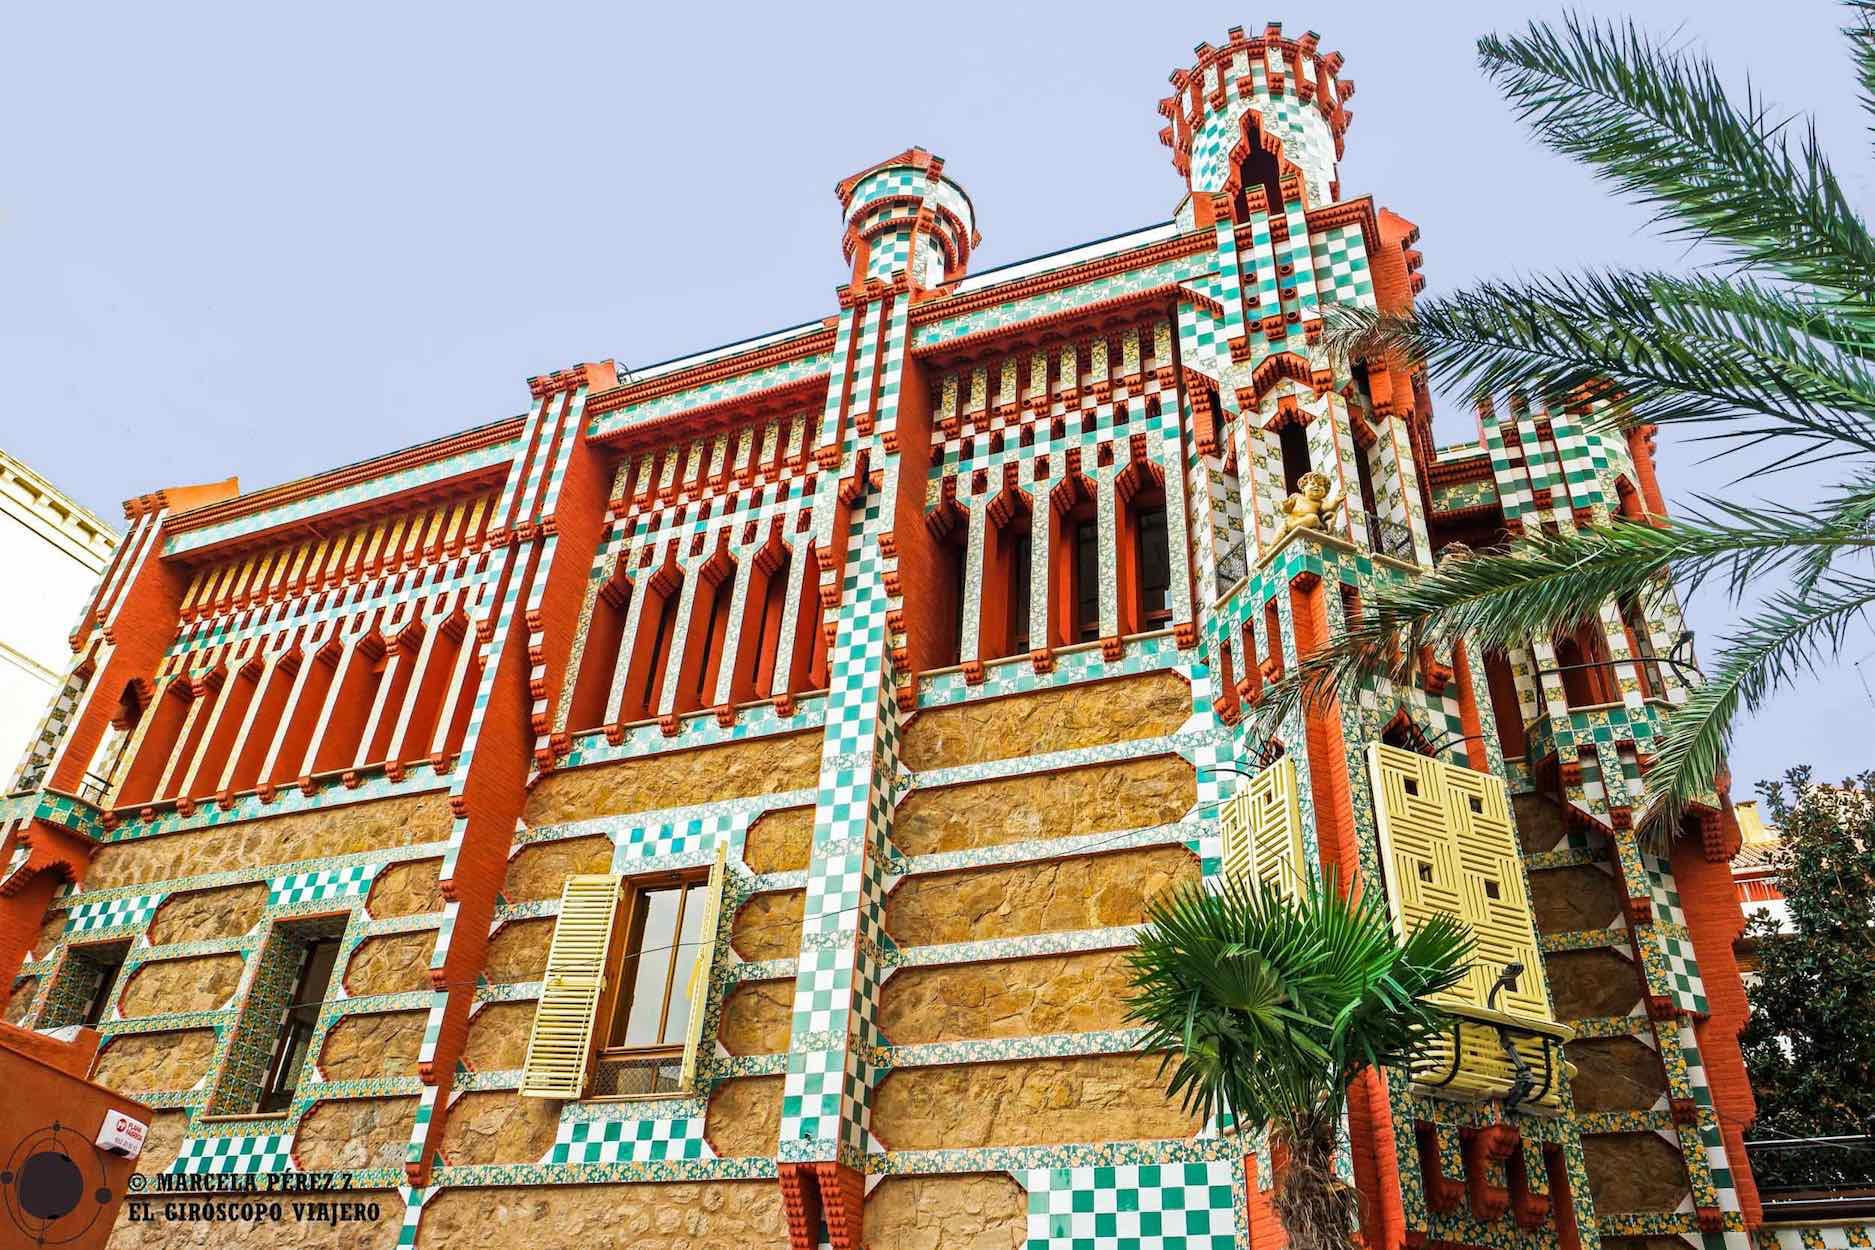 Fachada de Casa Vicens, la primera casa de Gaudí en Barcelona